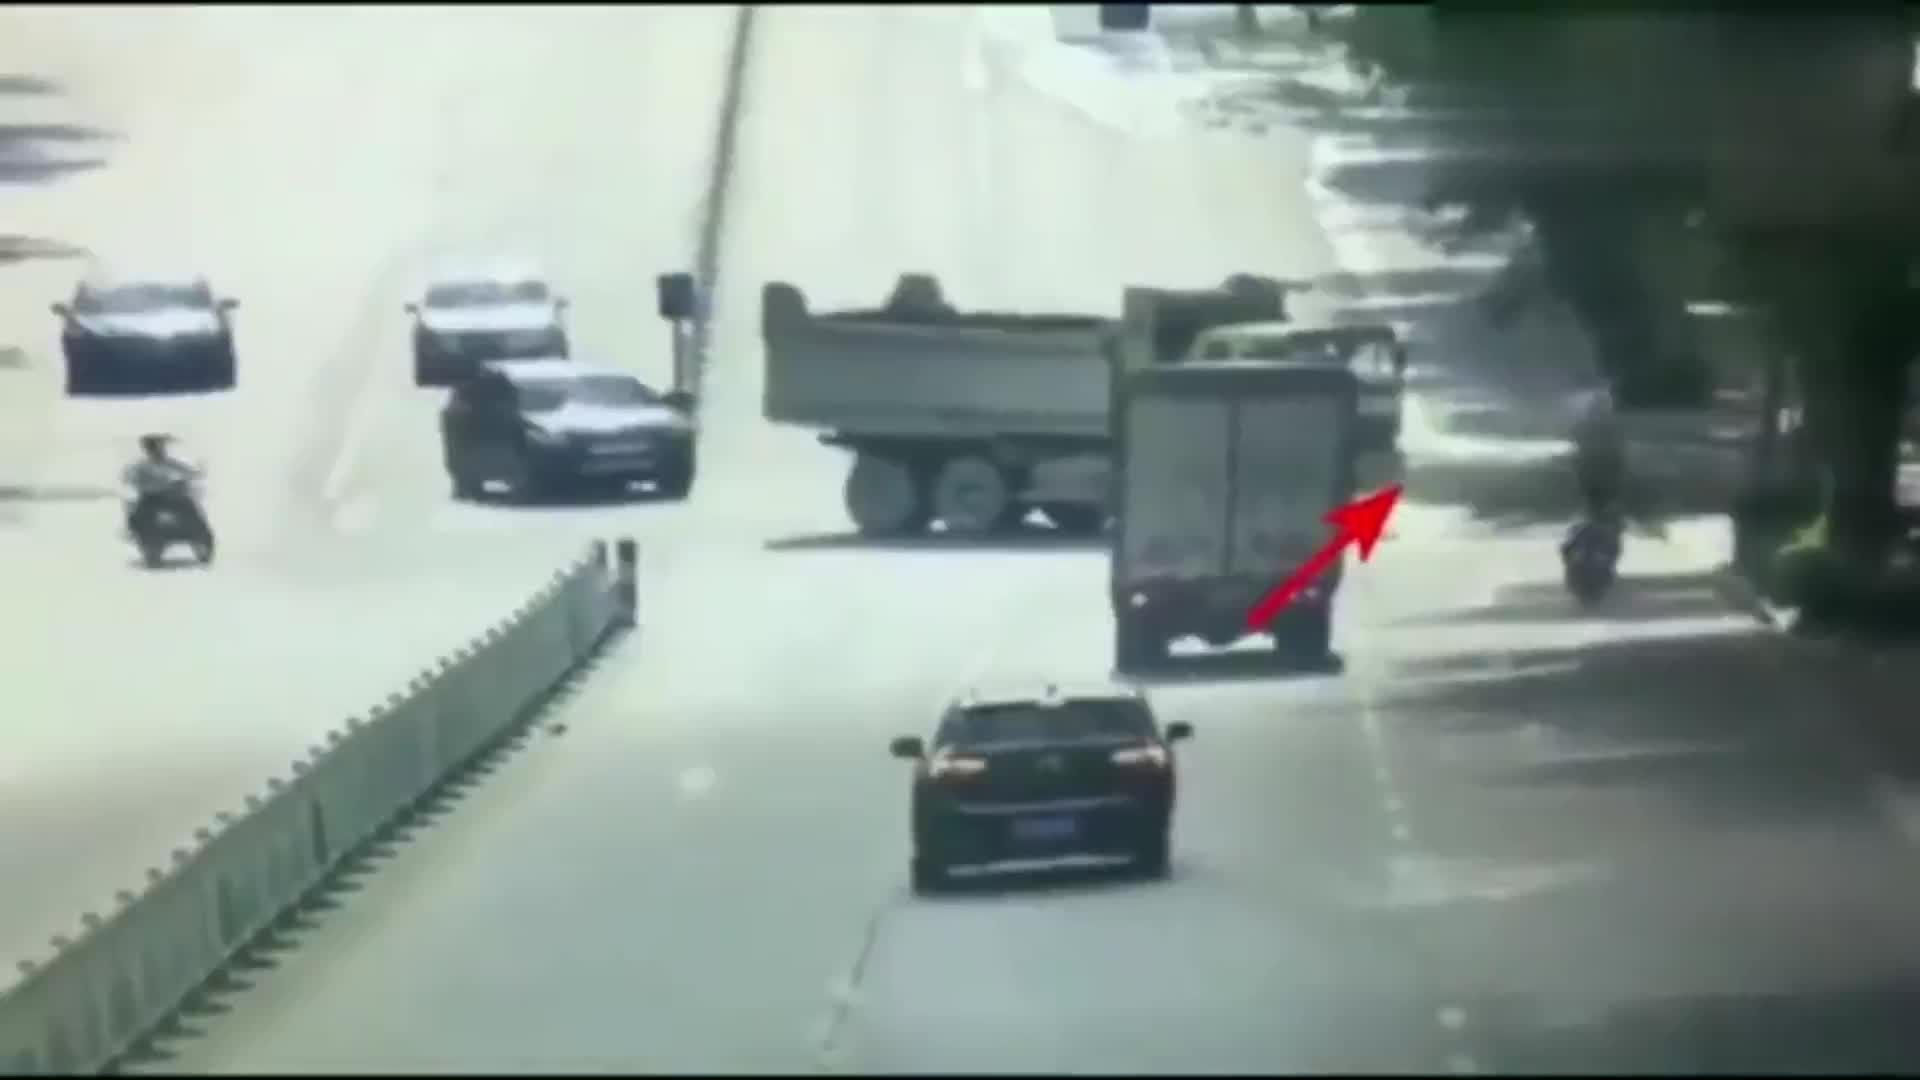 骑个电动车也敢这么开,出了这种事故能怪谁?